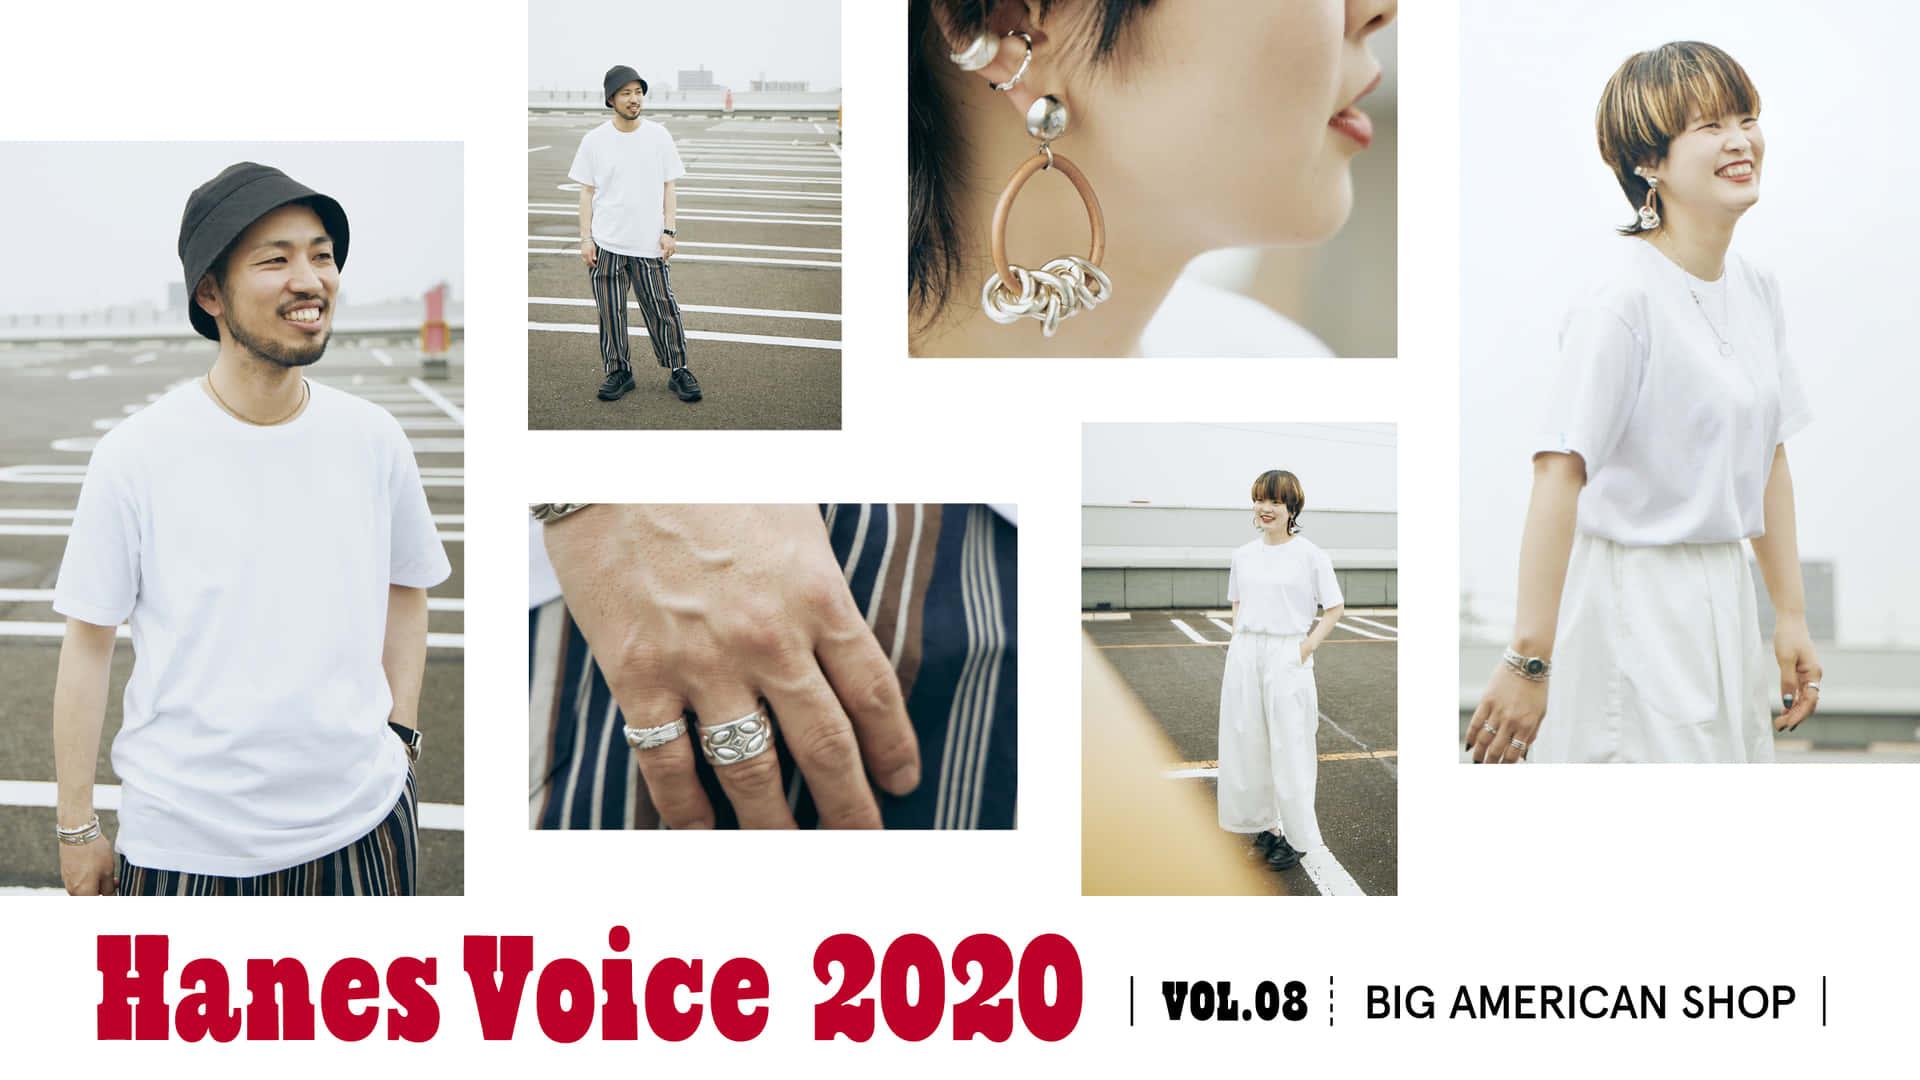 Hanes Voice 2020 vol.8「BIG AMERICAN SHOP」